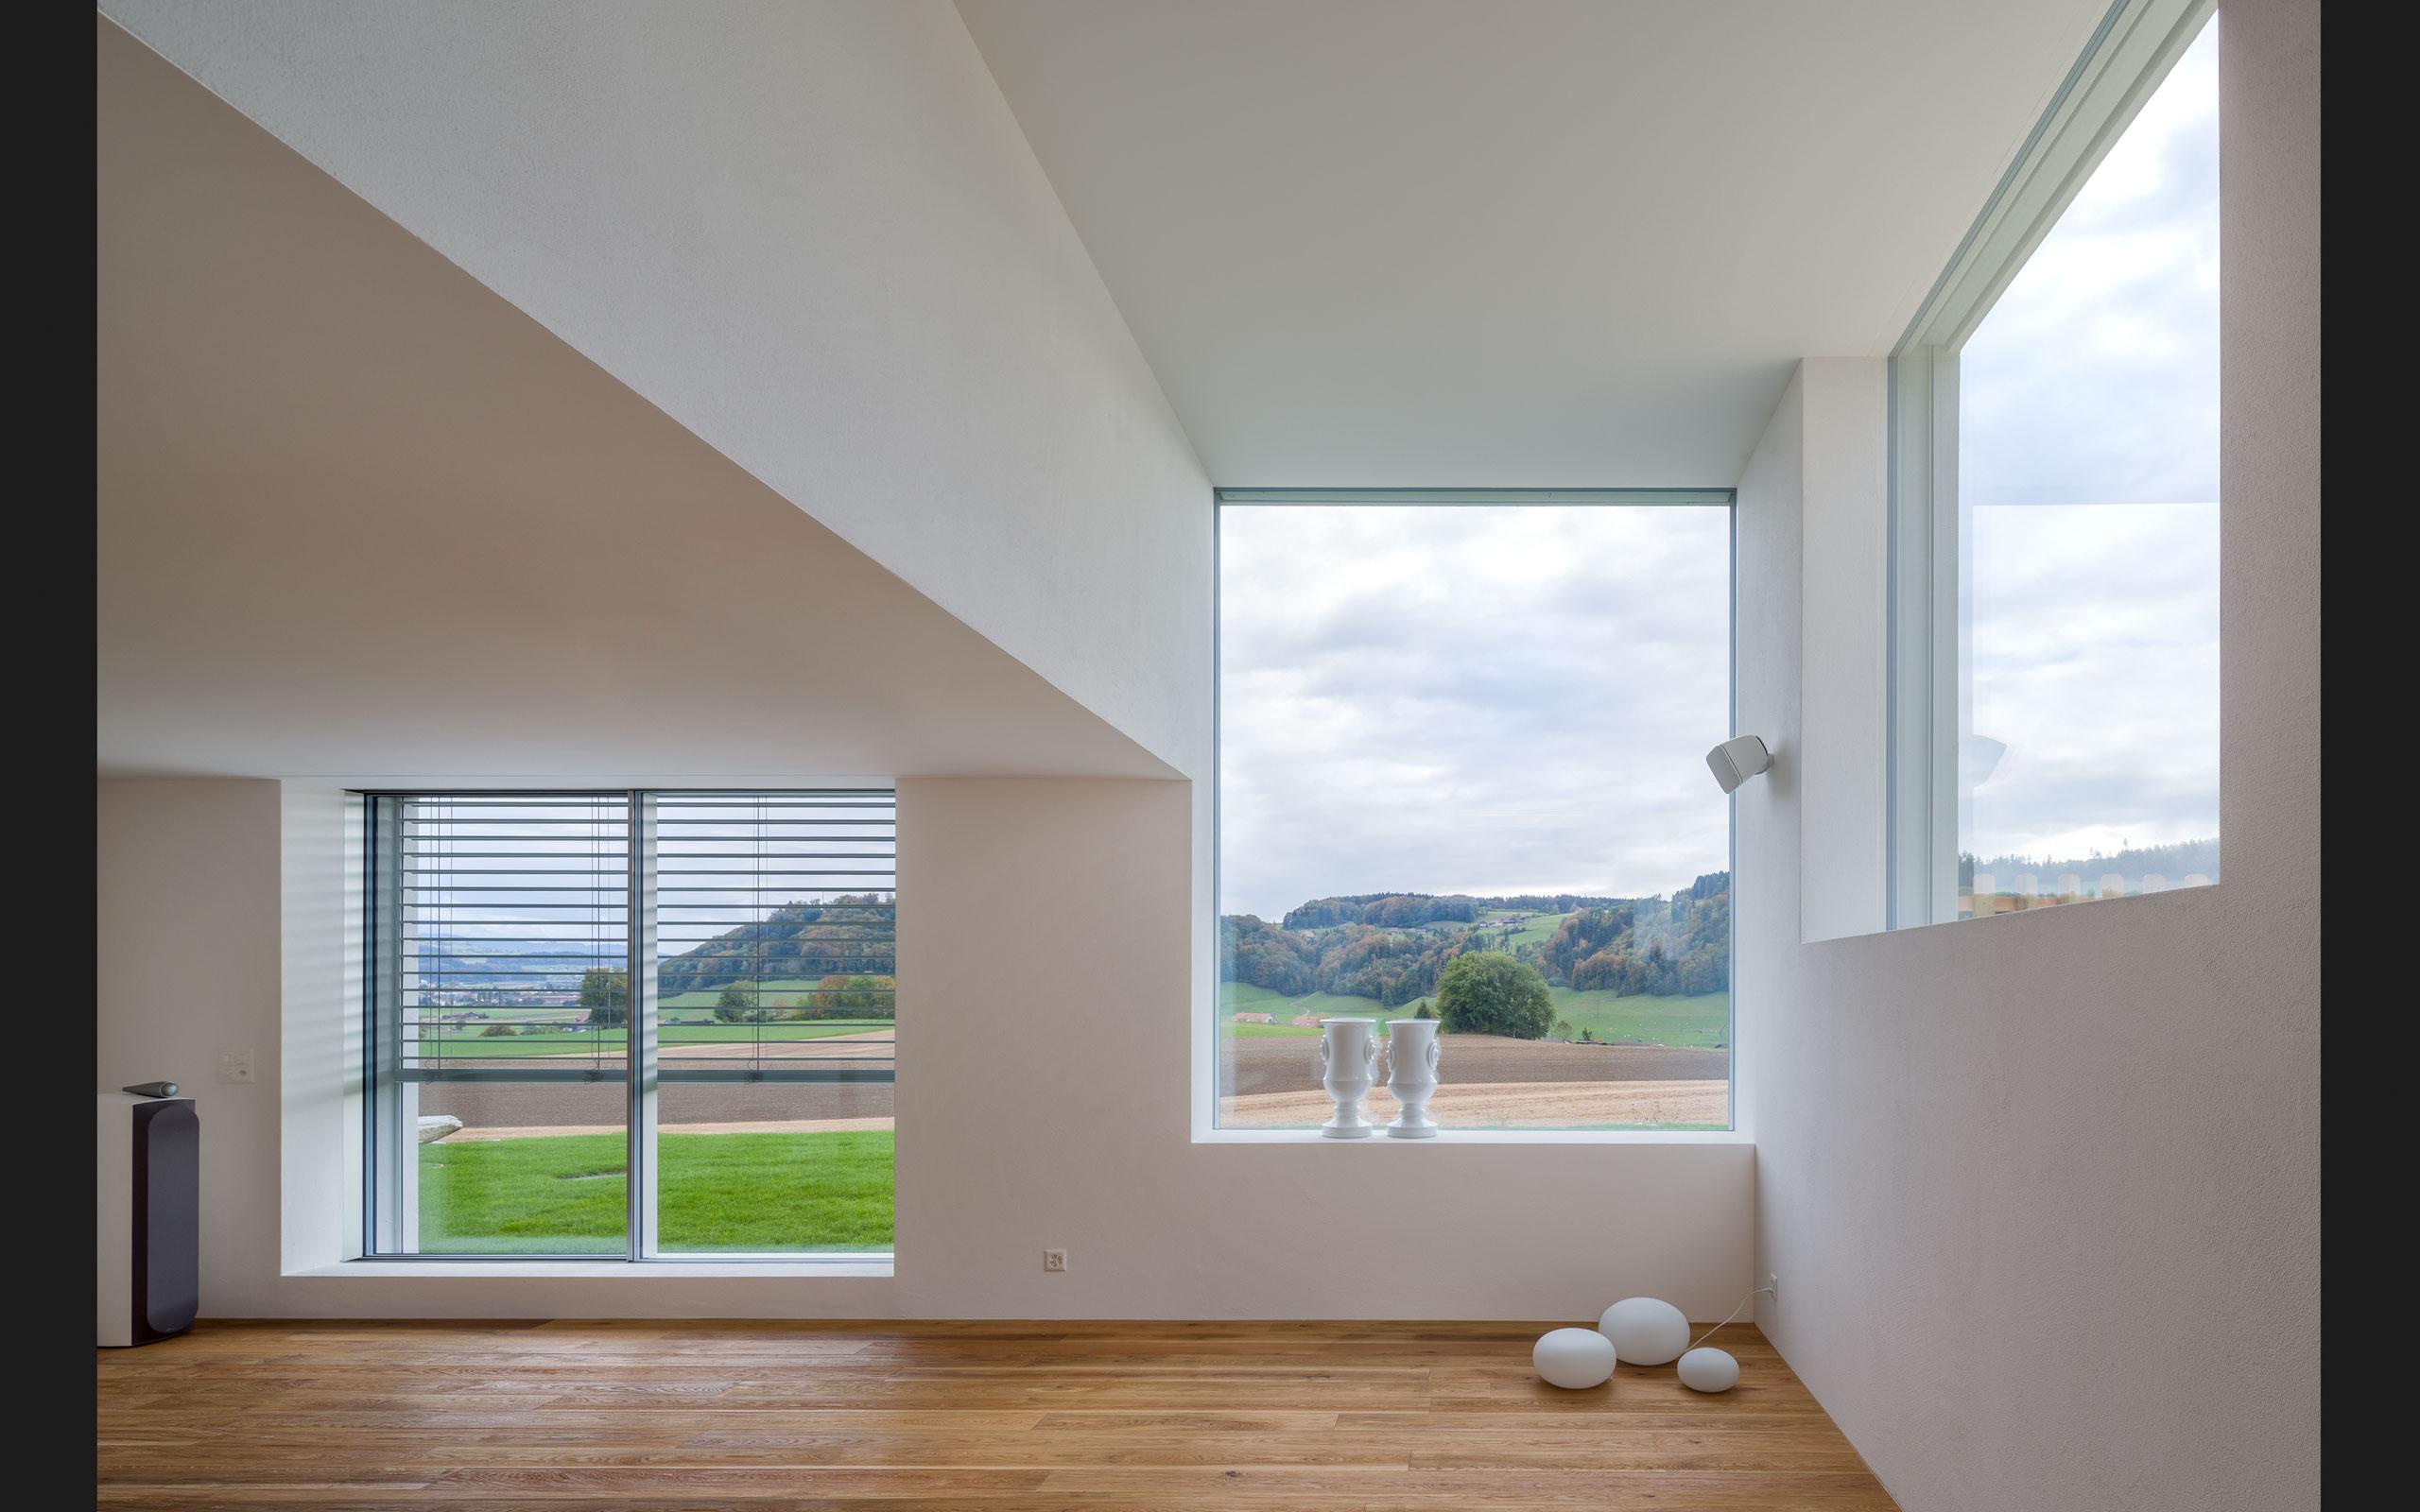 Architektur: tzarch.ch, EH, Boll